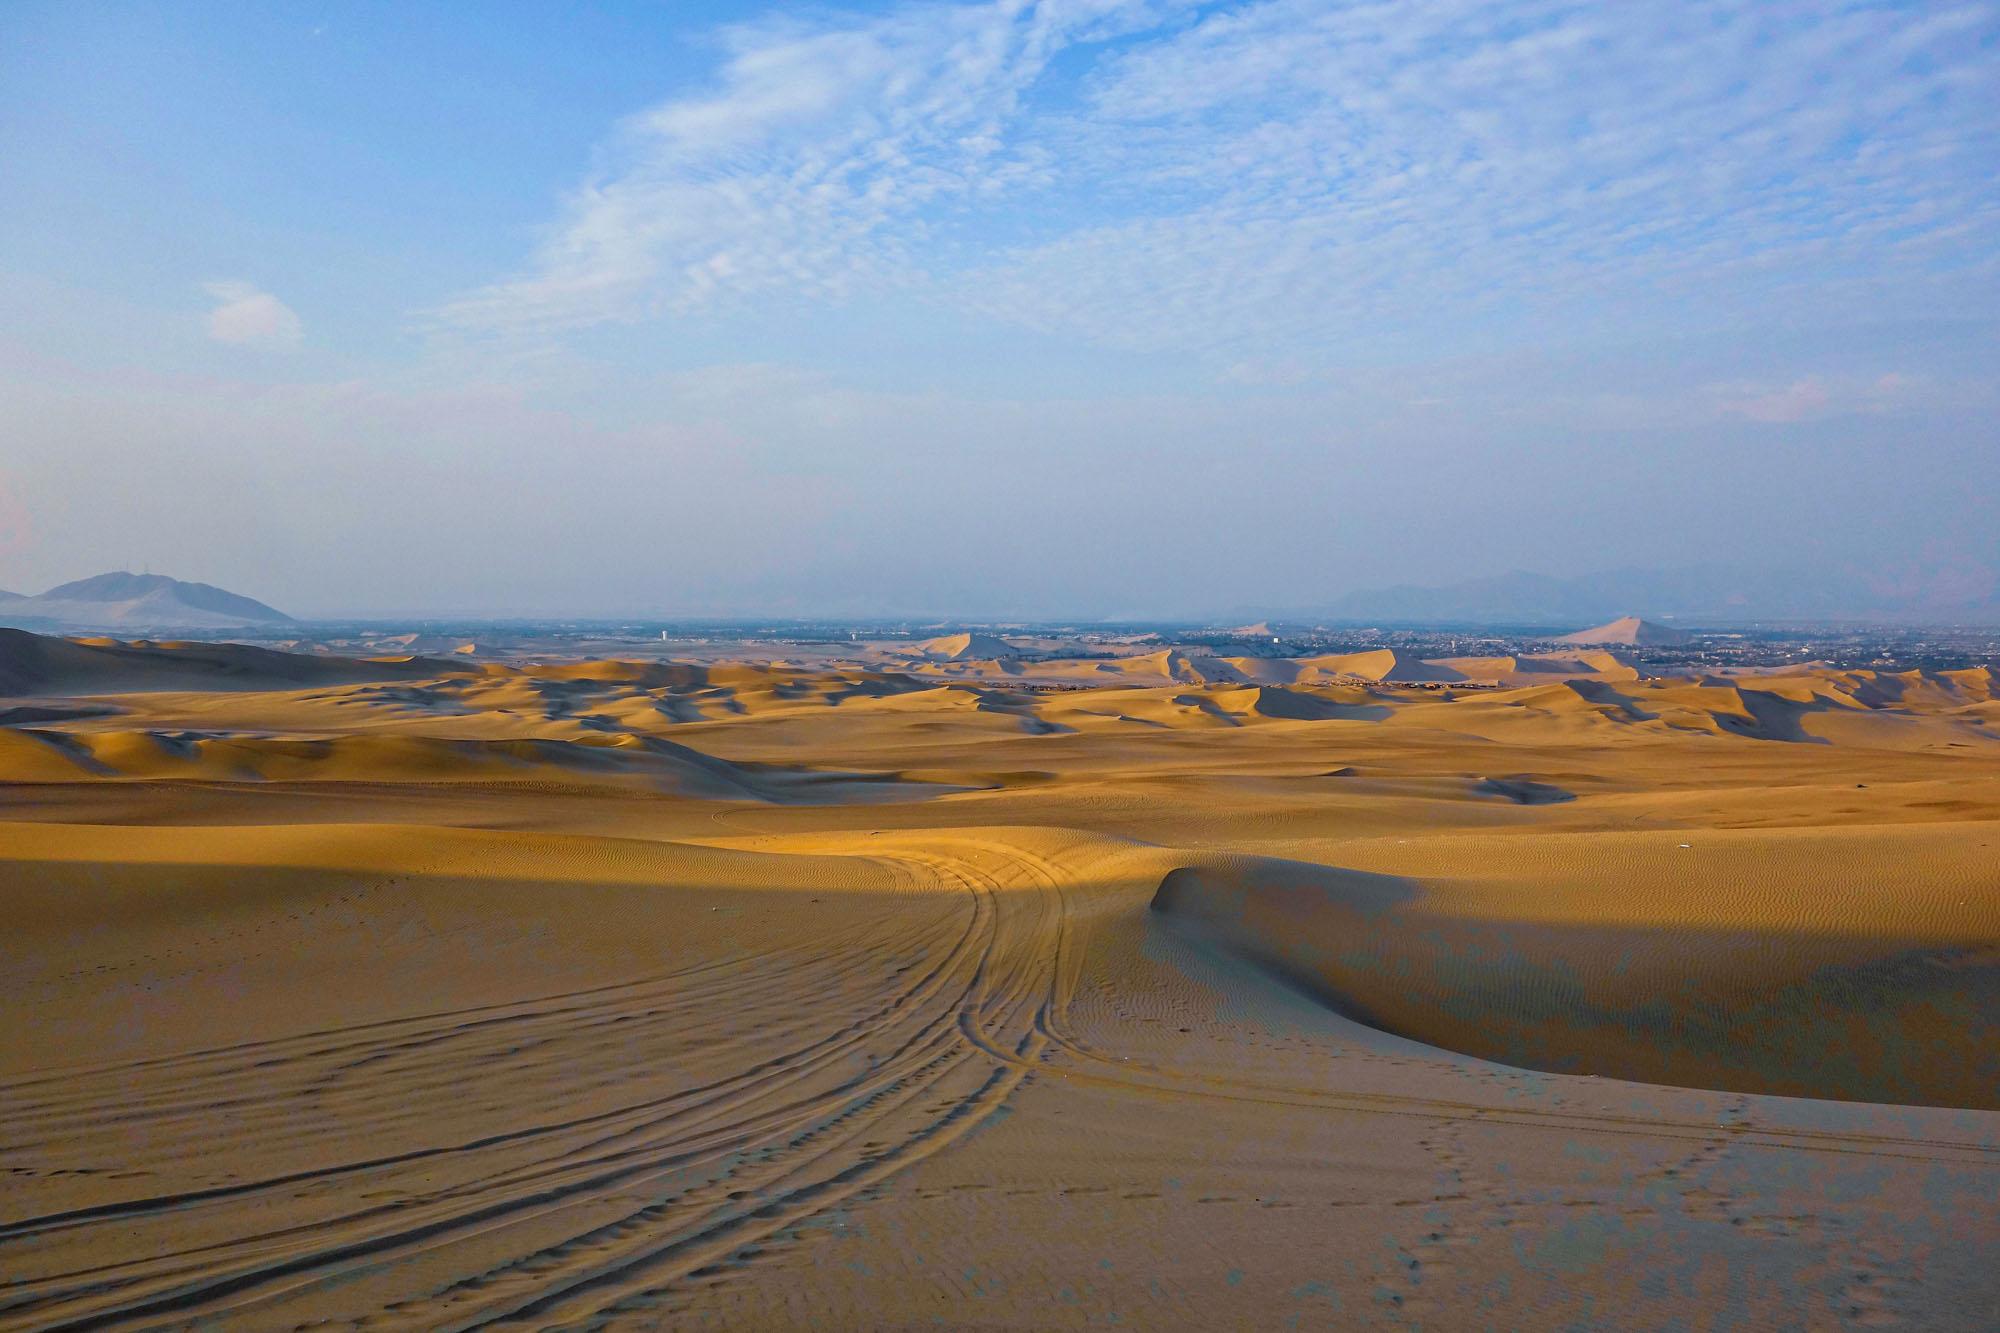 On s'enfonce petit à petit dans les dunes